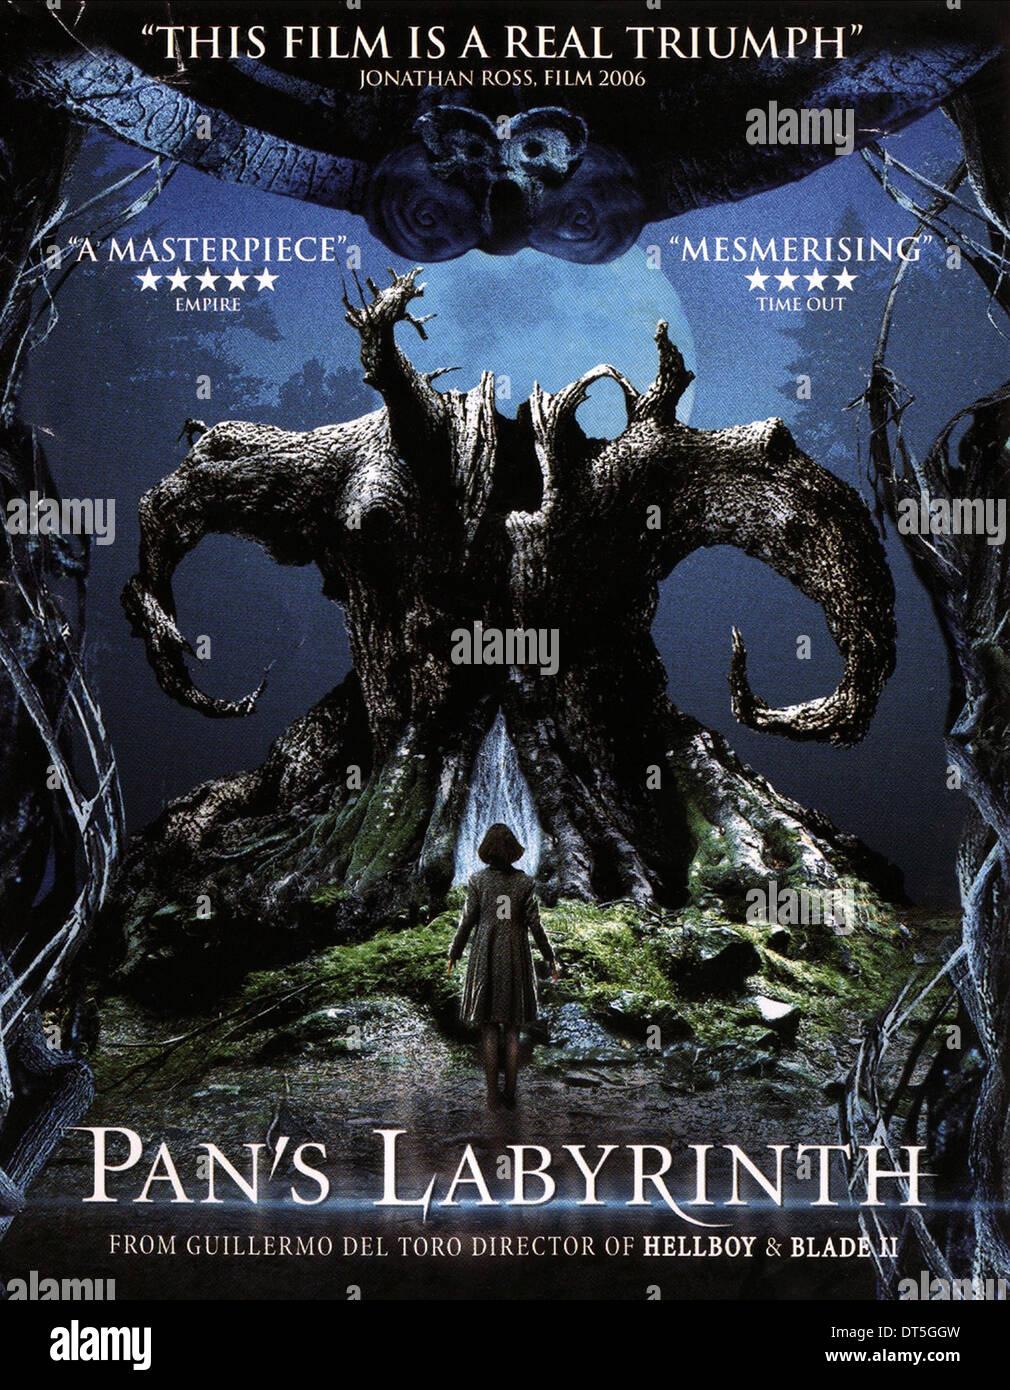 ivana-baquero-poster-pans-labyrinth-el-l